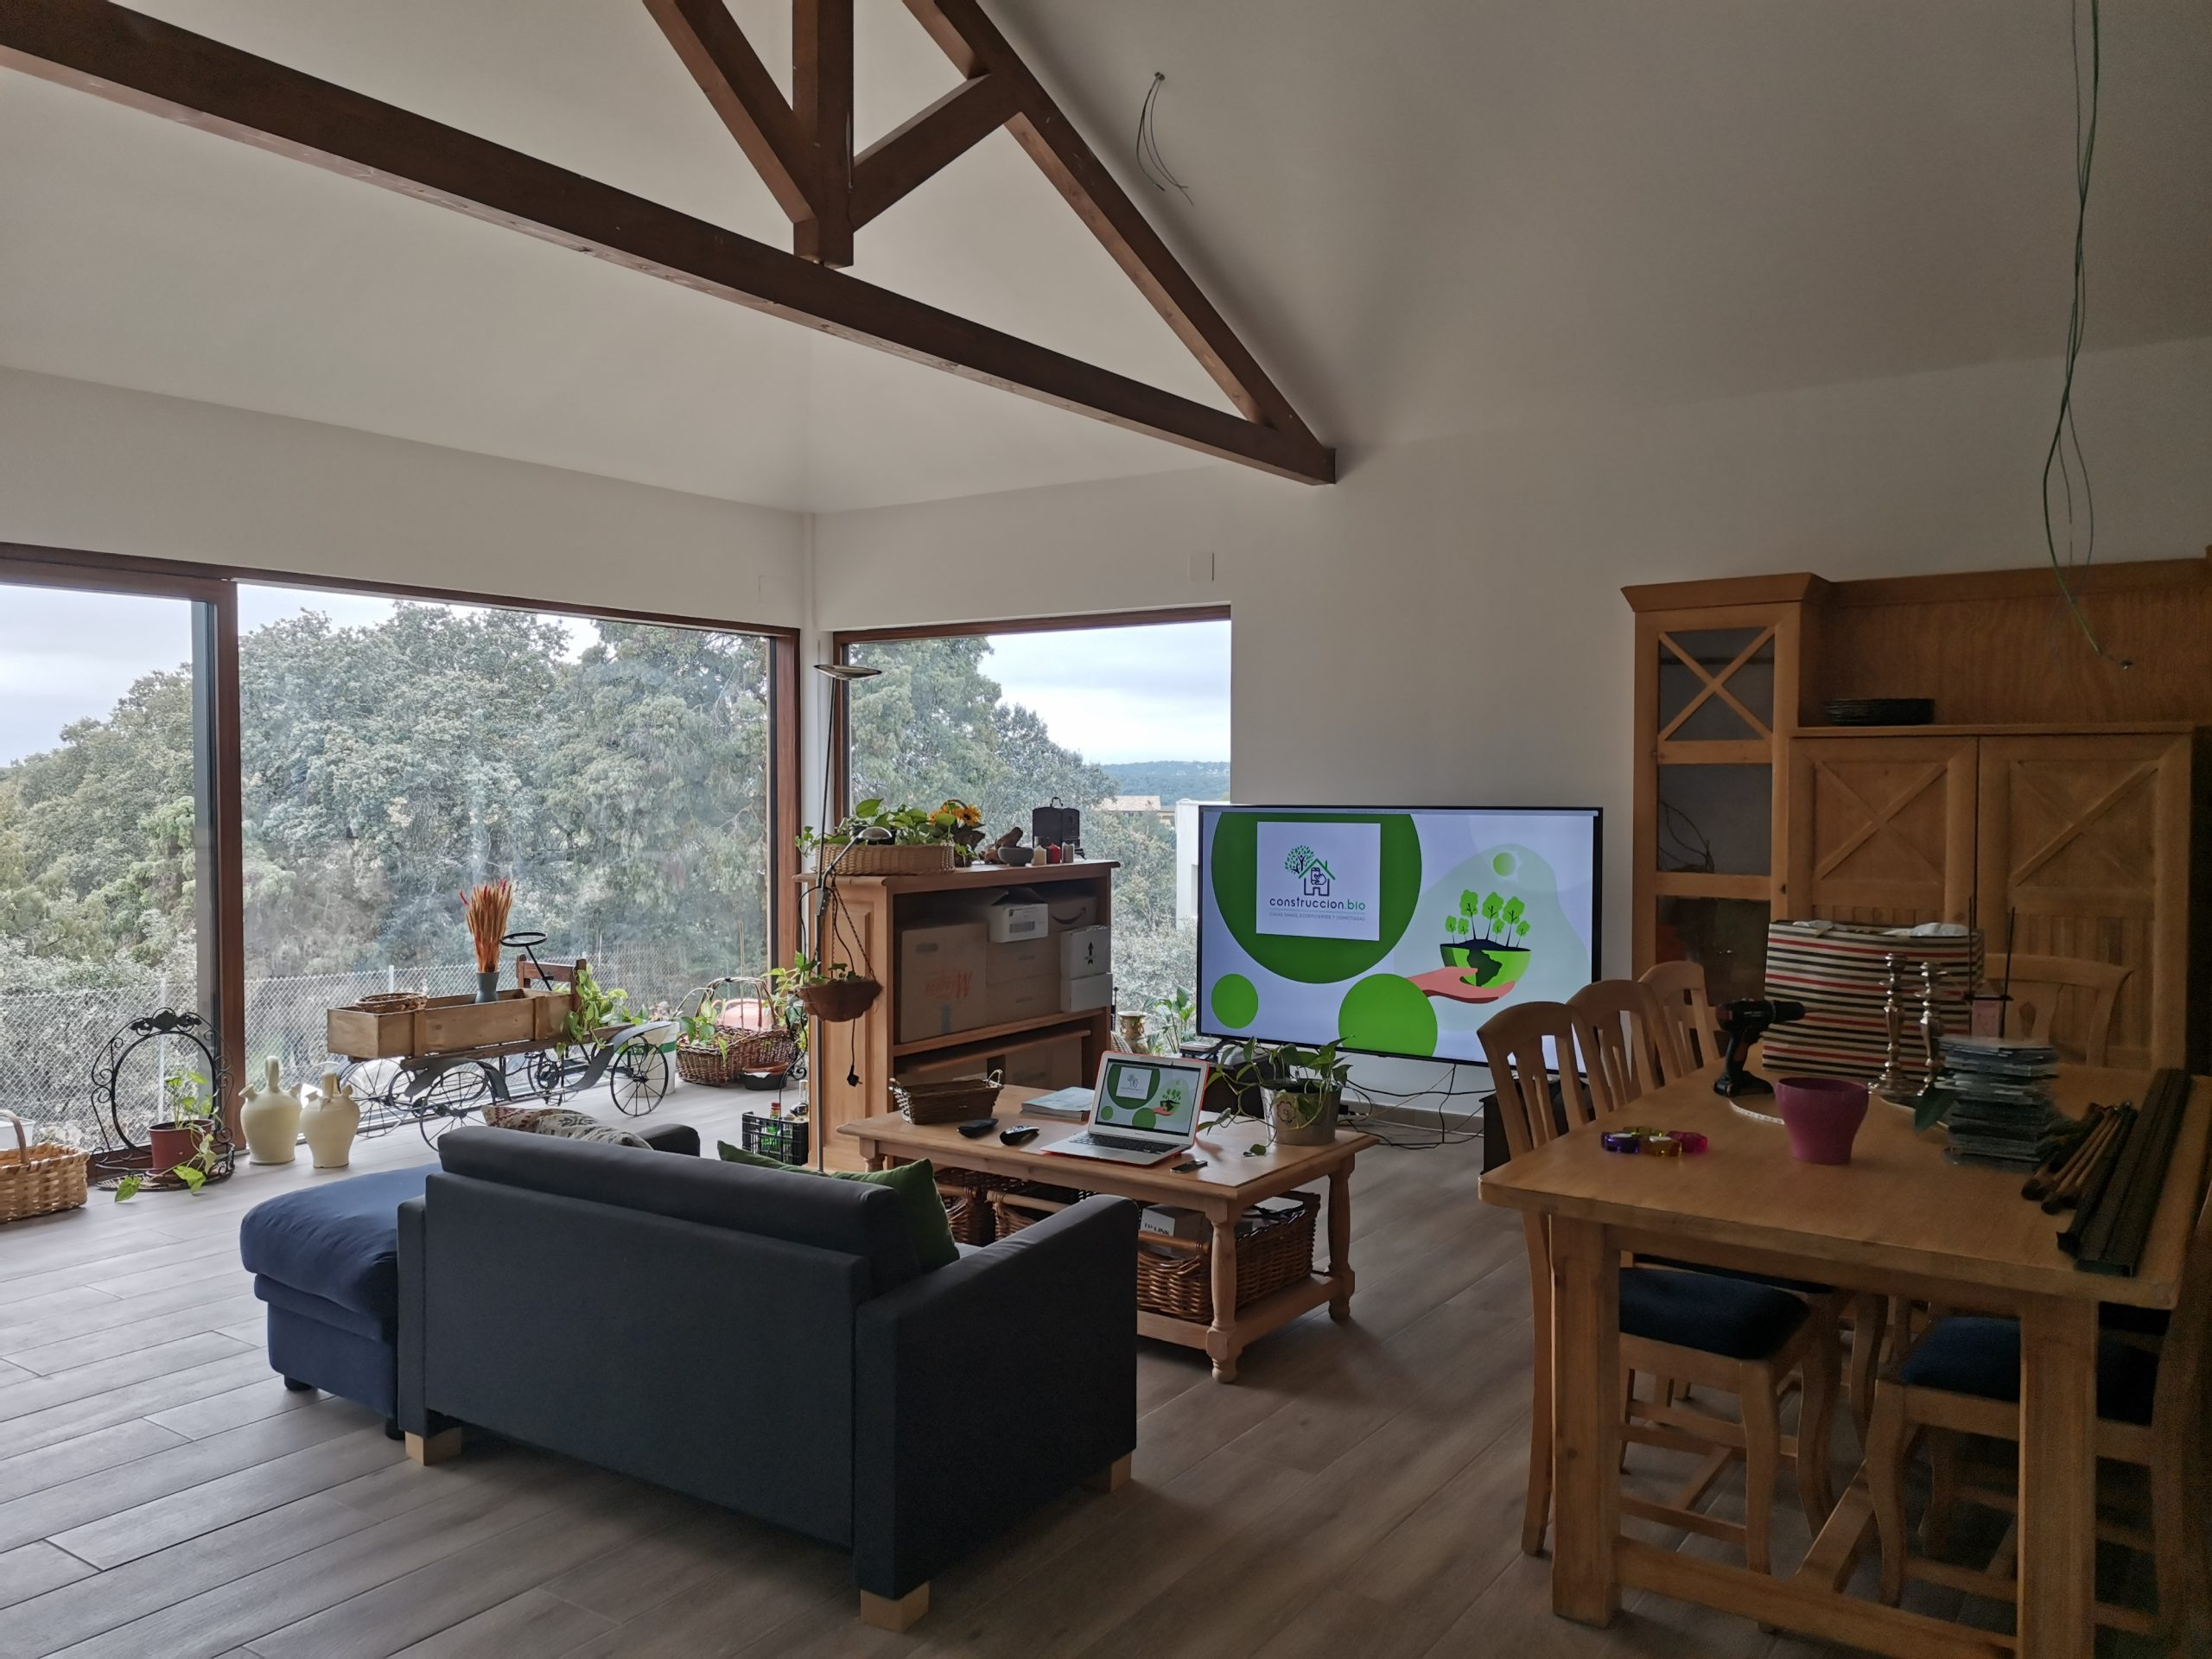 Ambiente interior sano y seguro de casa construida con madera